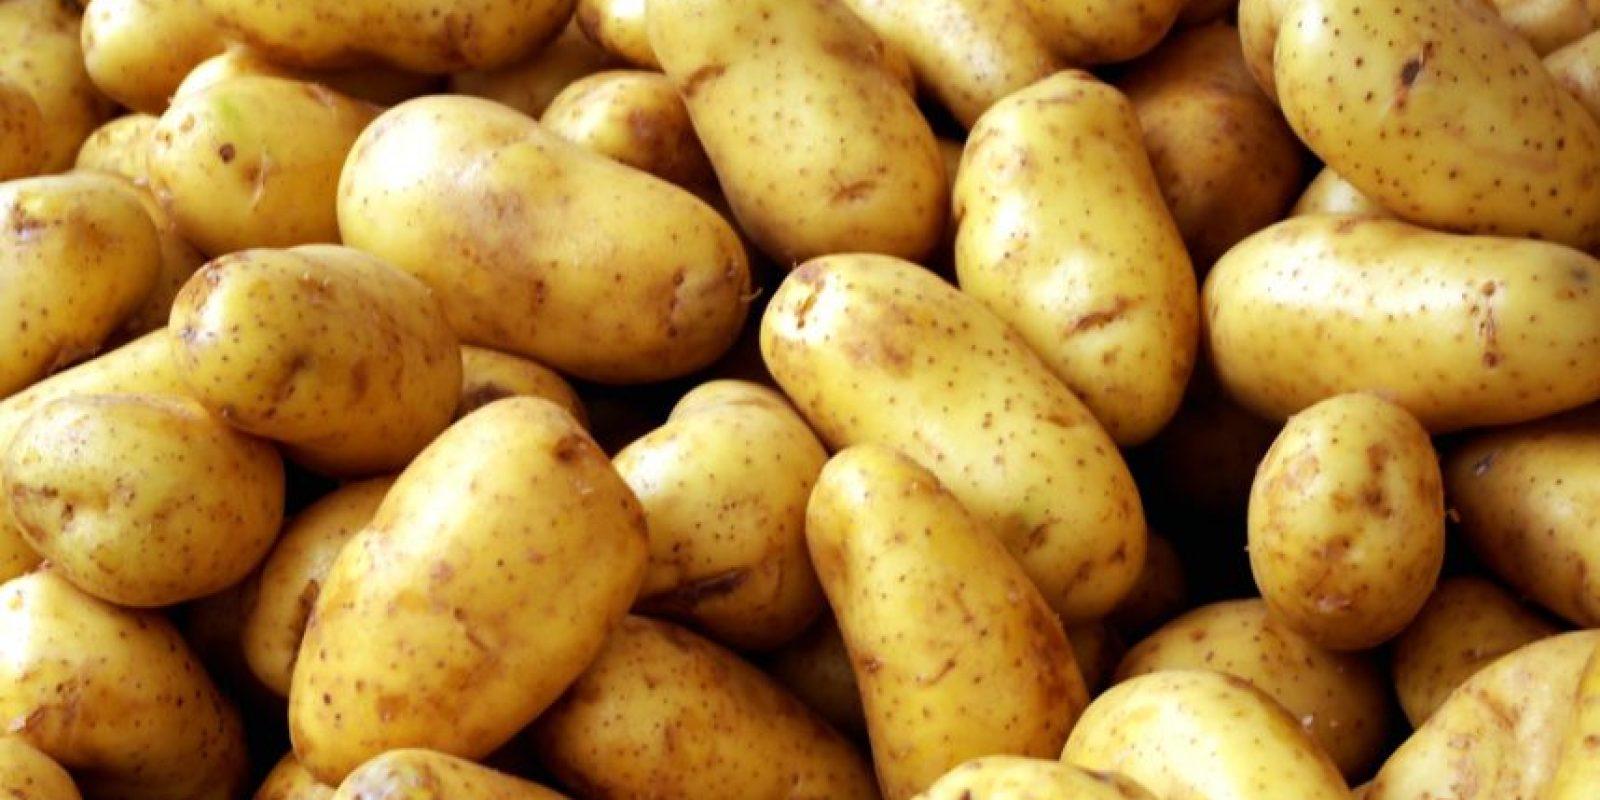 Existen más de 570 variedades de papas en Ecuador. Foto:Internet